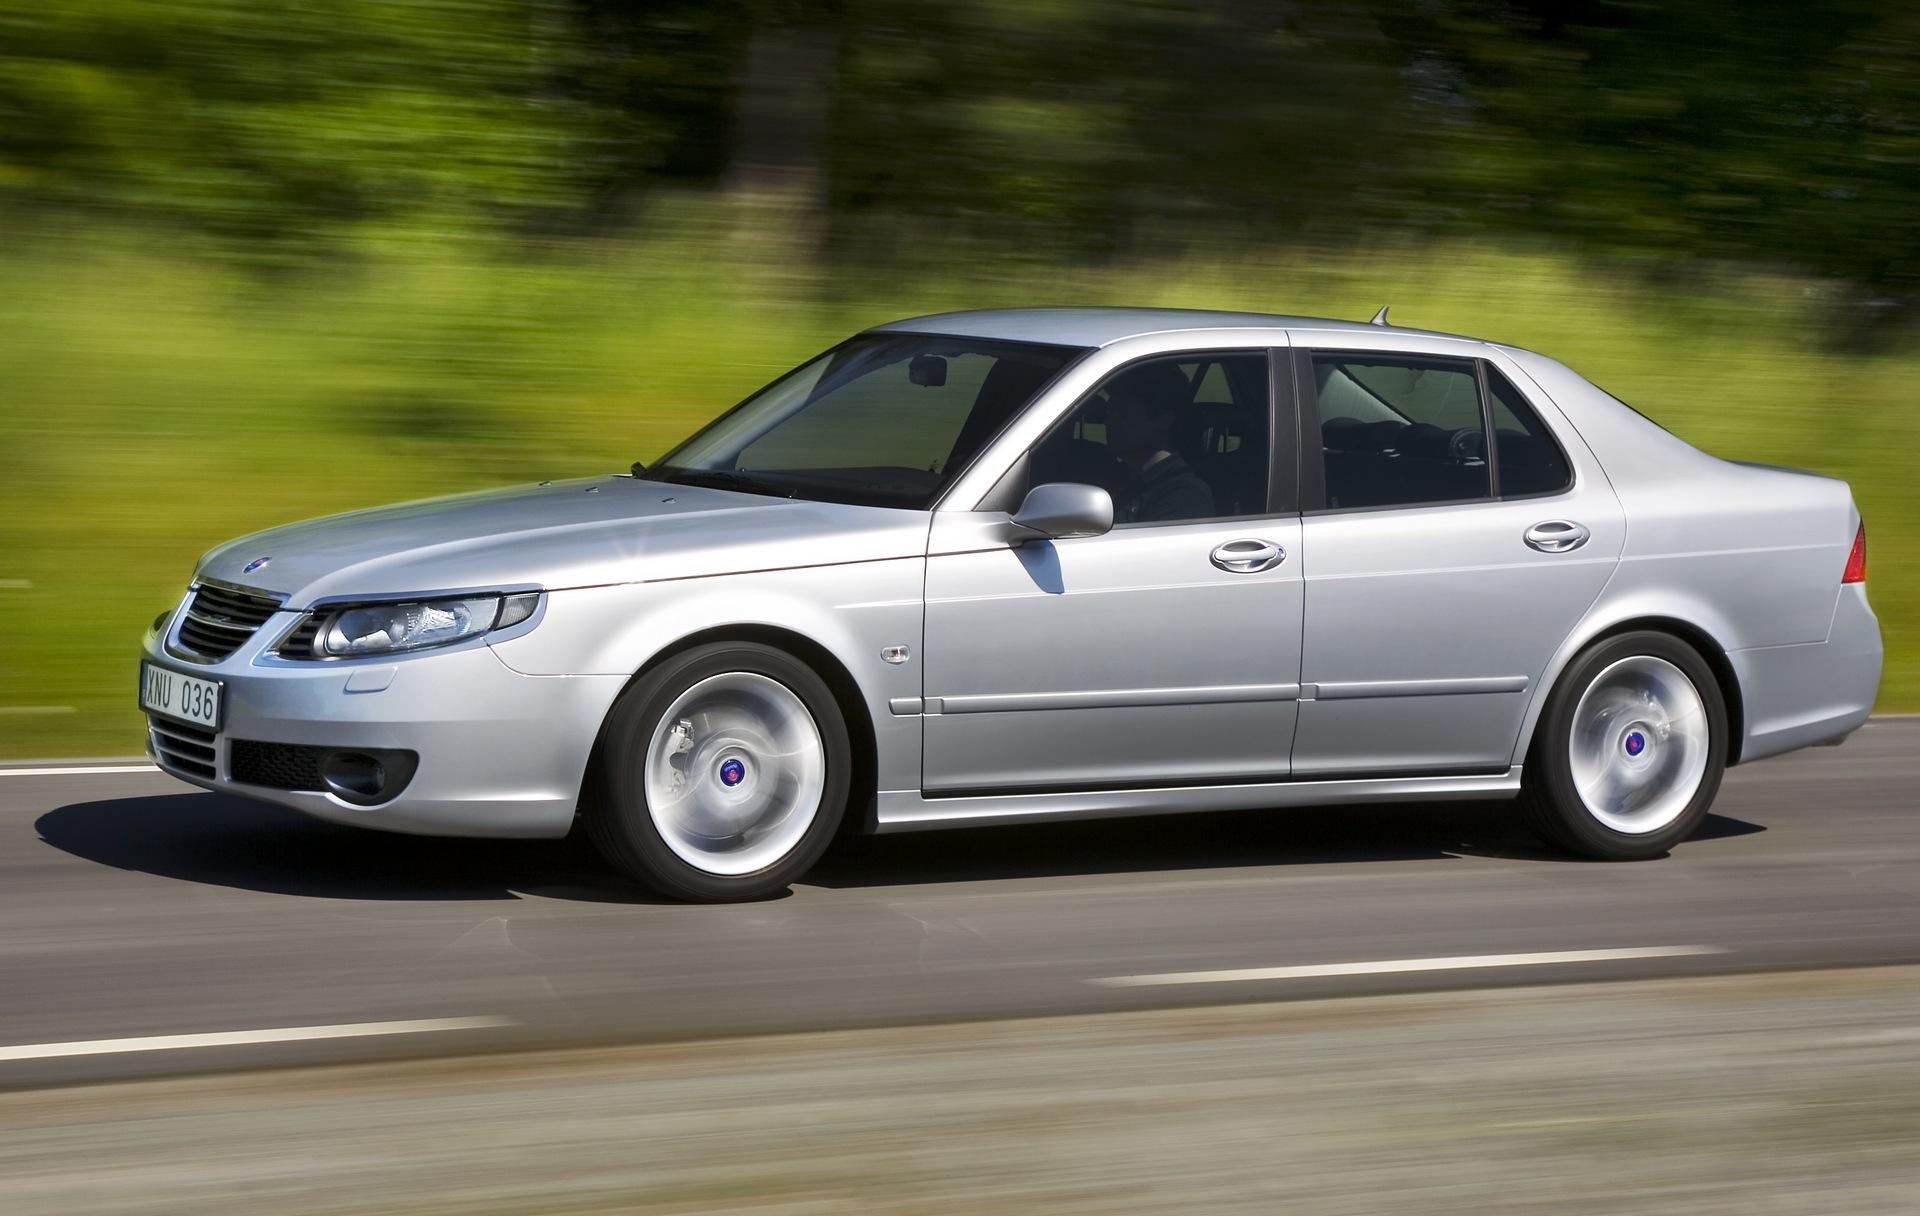 Saab Manu on 2007 Saab 9 5